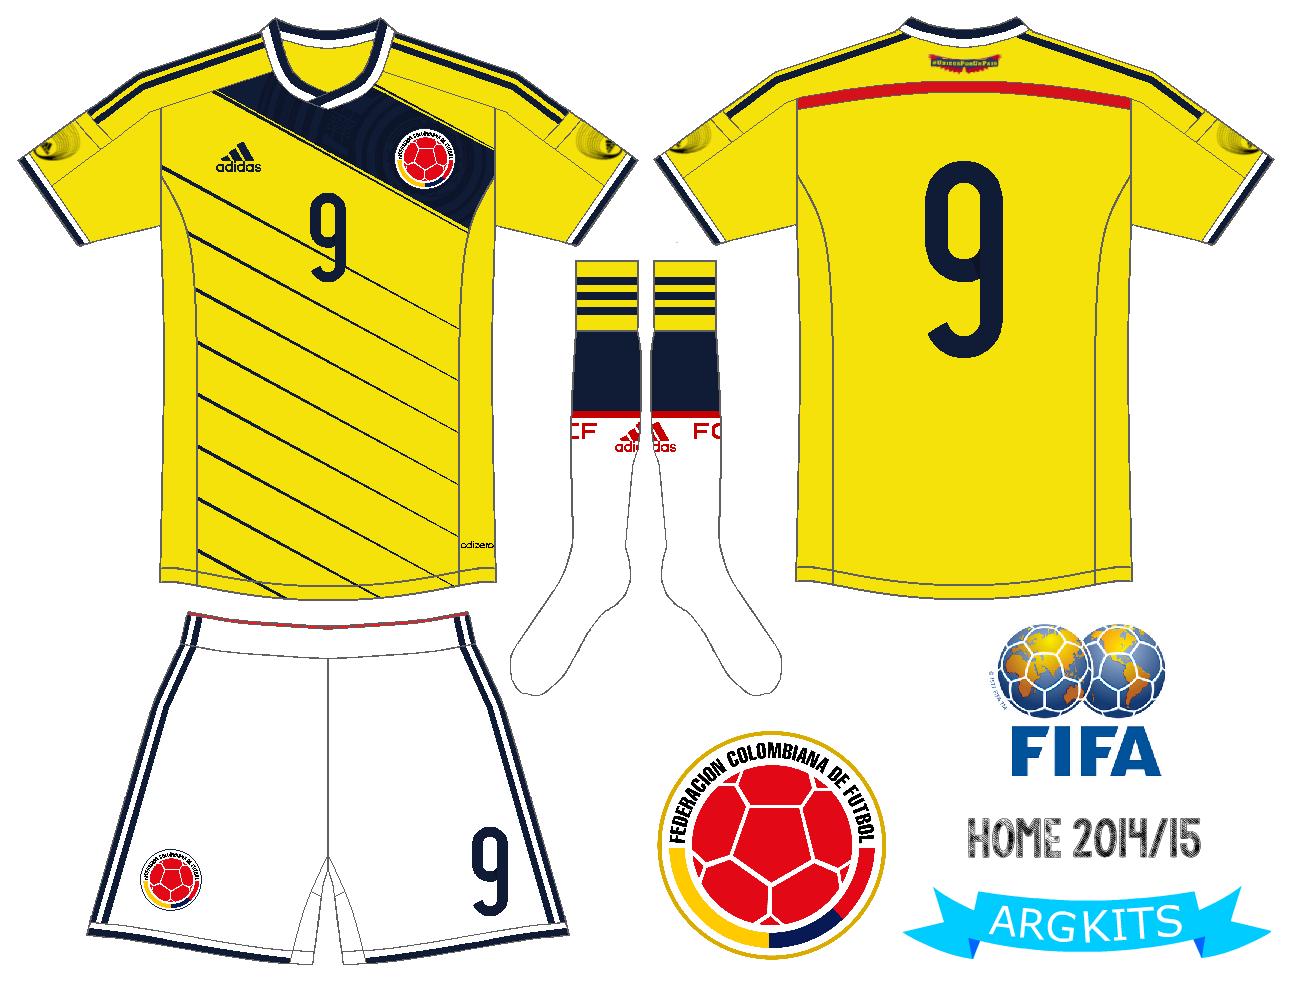 Imagenes De Futbol Seleccion Colombia - Fotos del partido Colombia Perú 2015 Selección Colombia